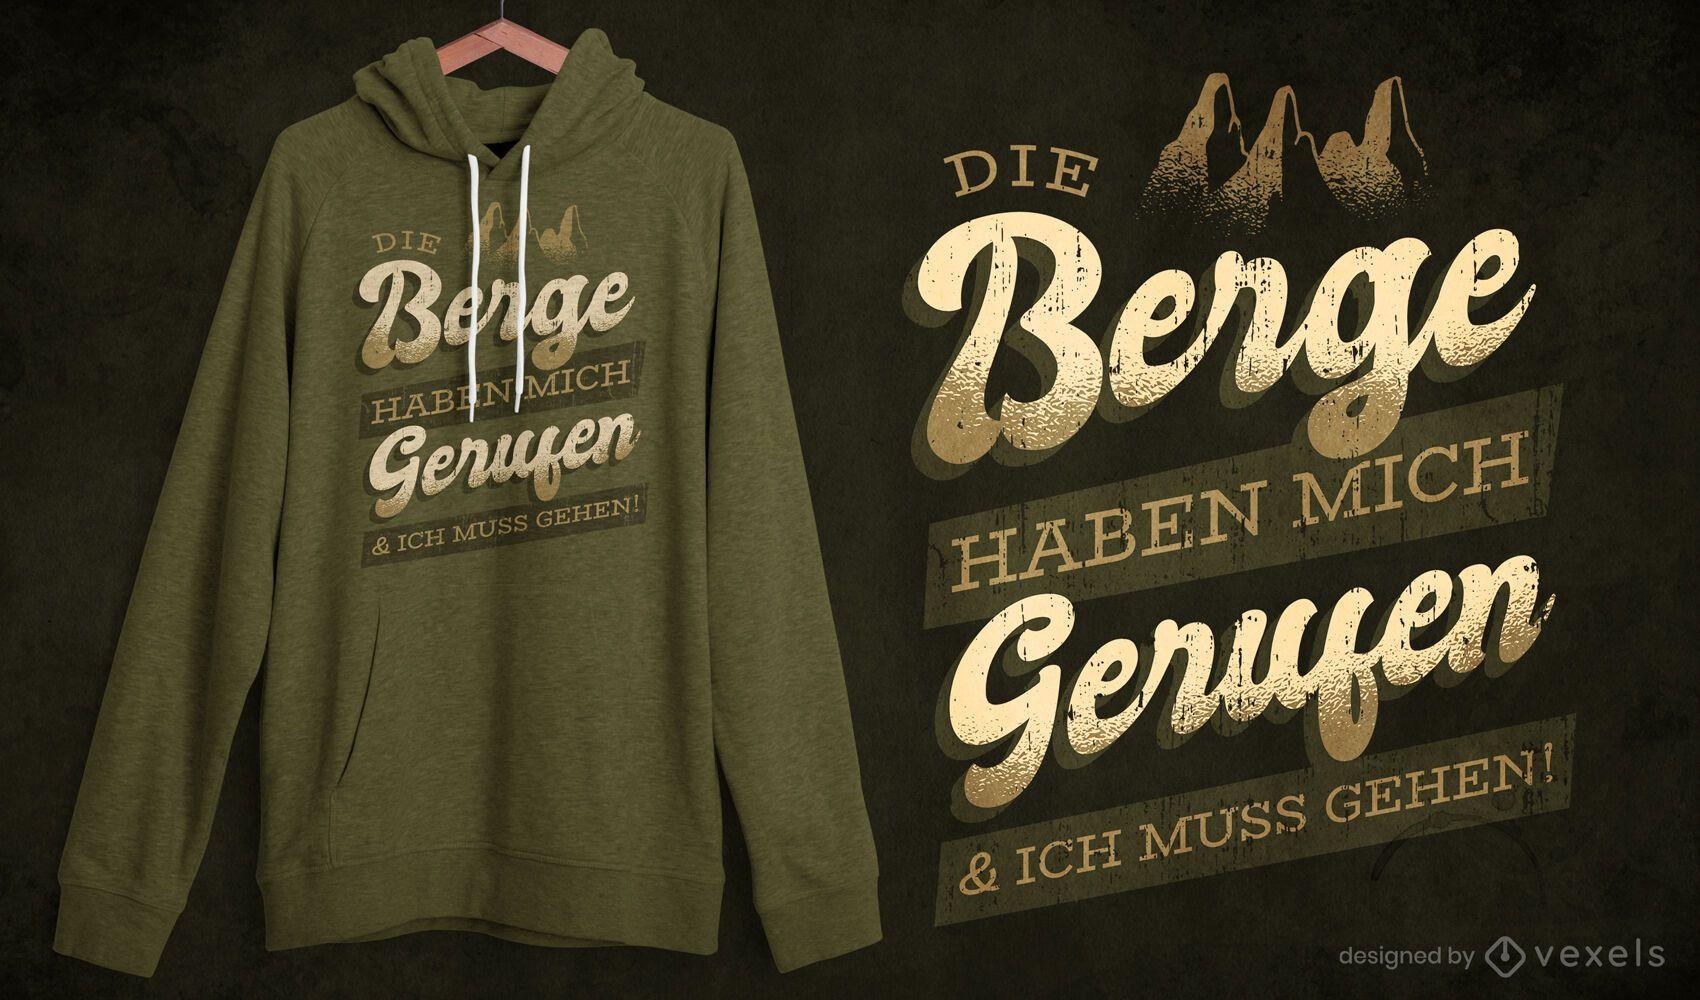 Berge deutsches Zitat T-Shirt Design